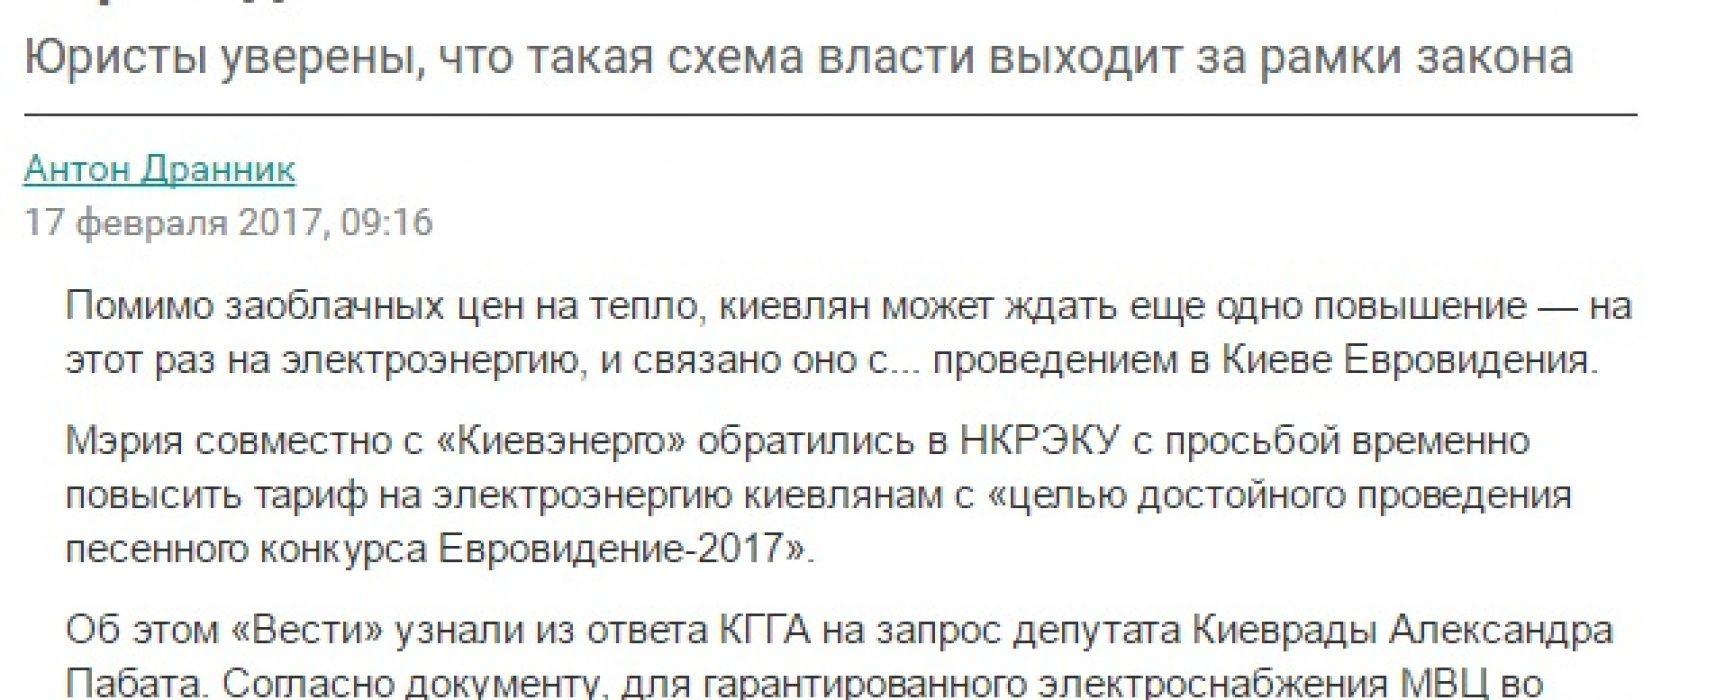 """Фейк: в Киеве повысят тарифы на электроэнергию ради """"достойного Евровидения"""""""